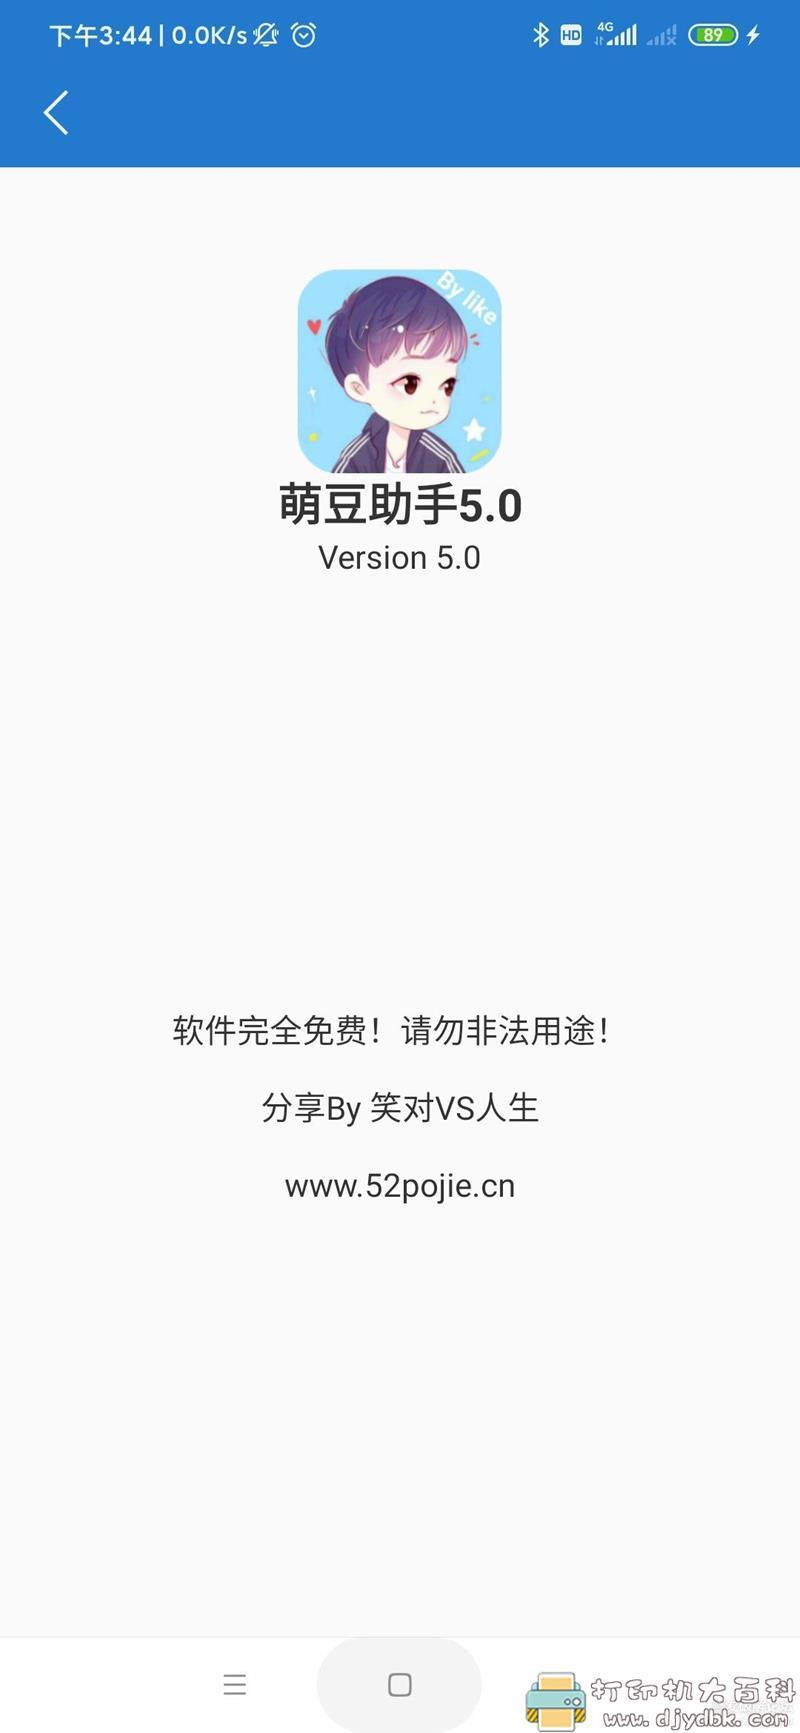 [Android]微信辅助工具 萌豆助手5.0(兼容安卓10) 配图 No.4